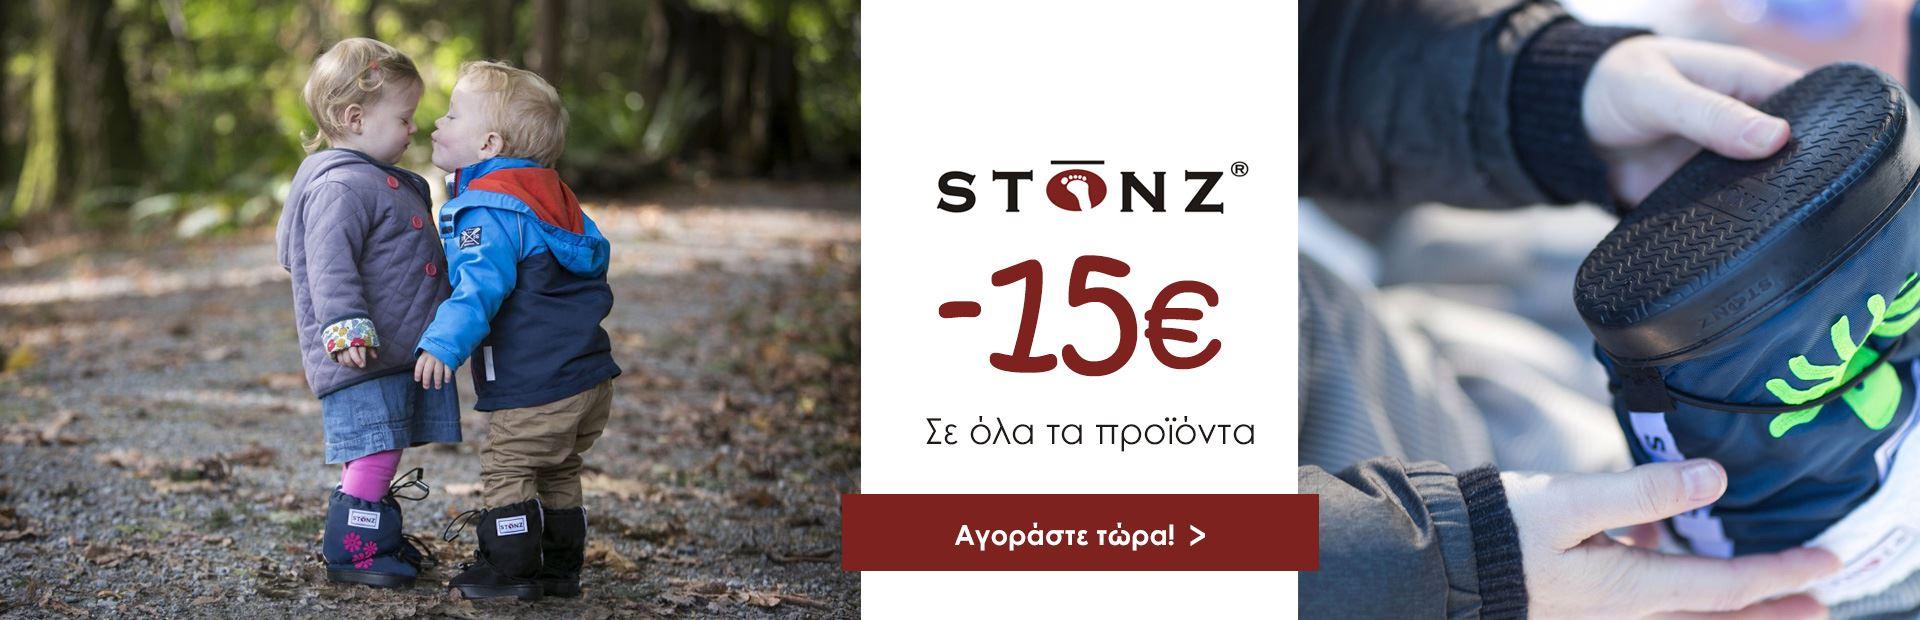 Stonz -15 euro